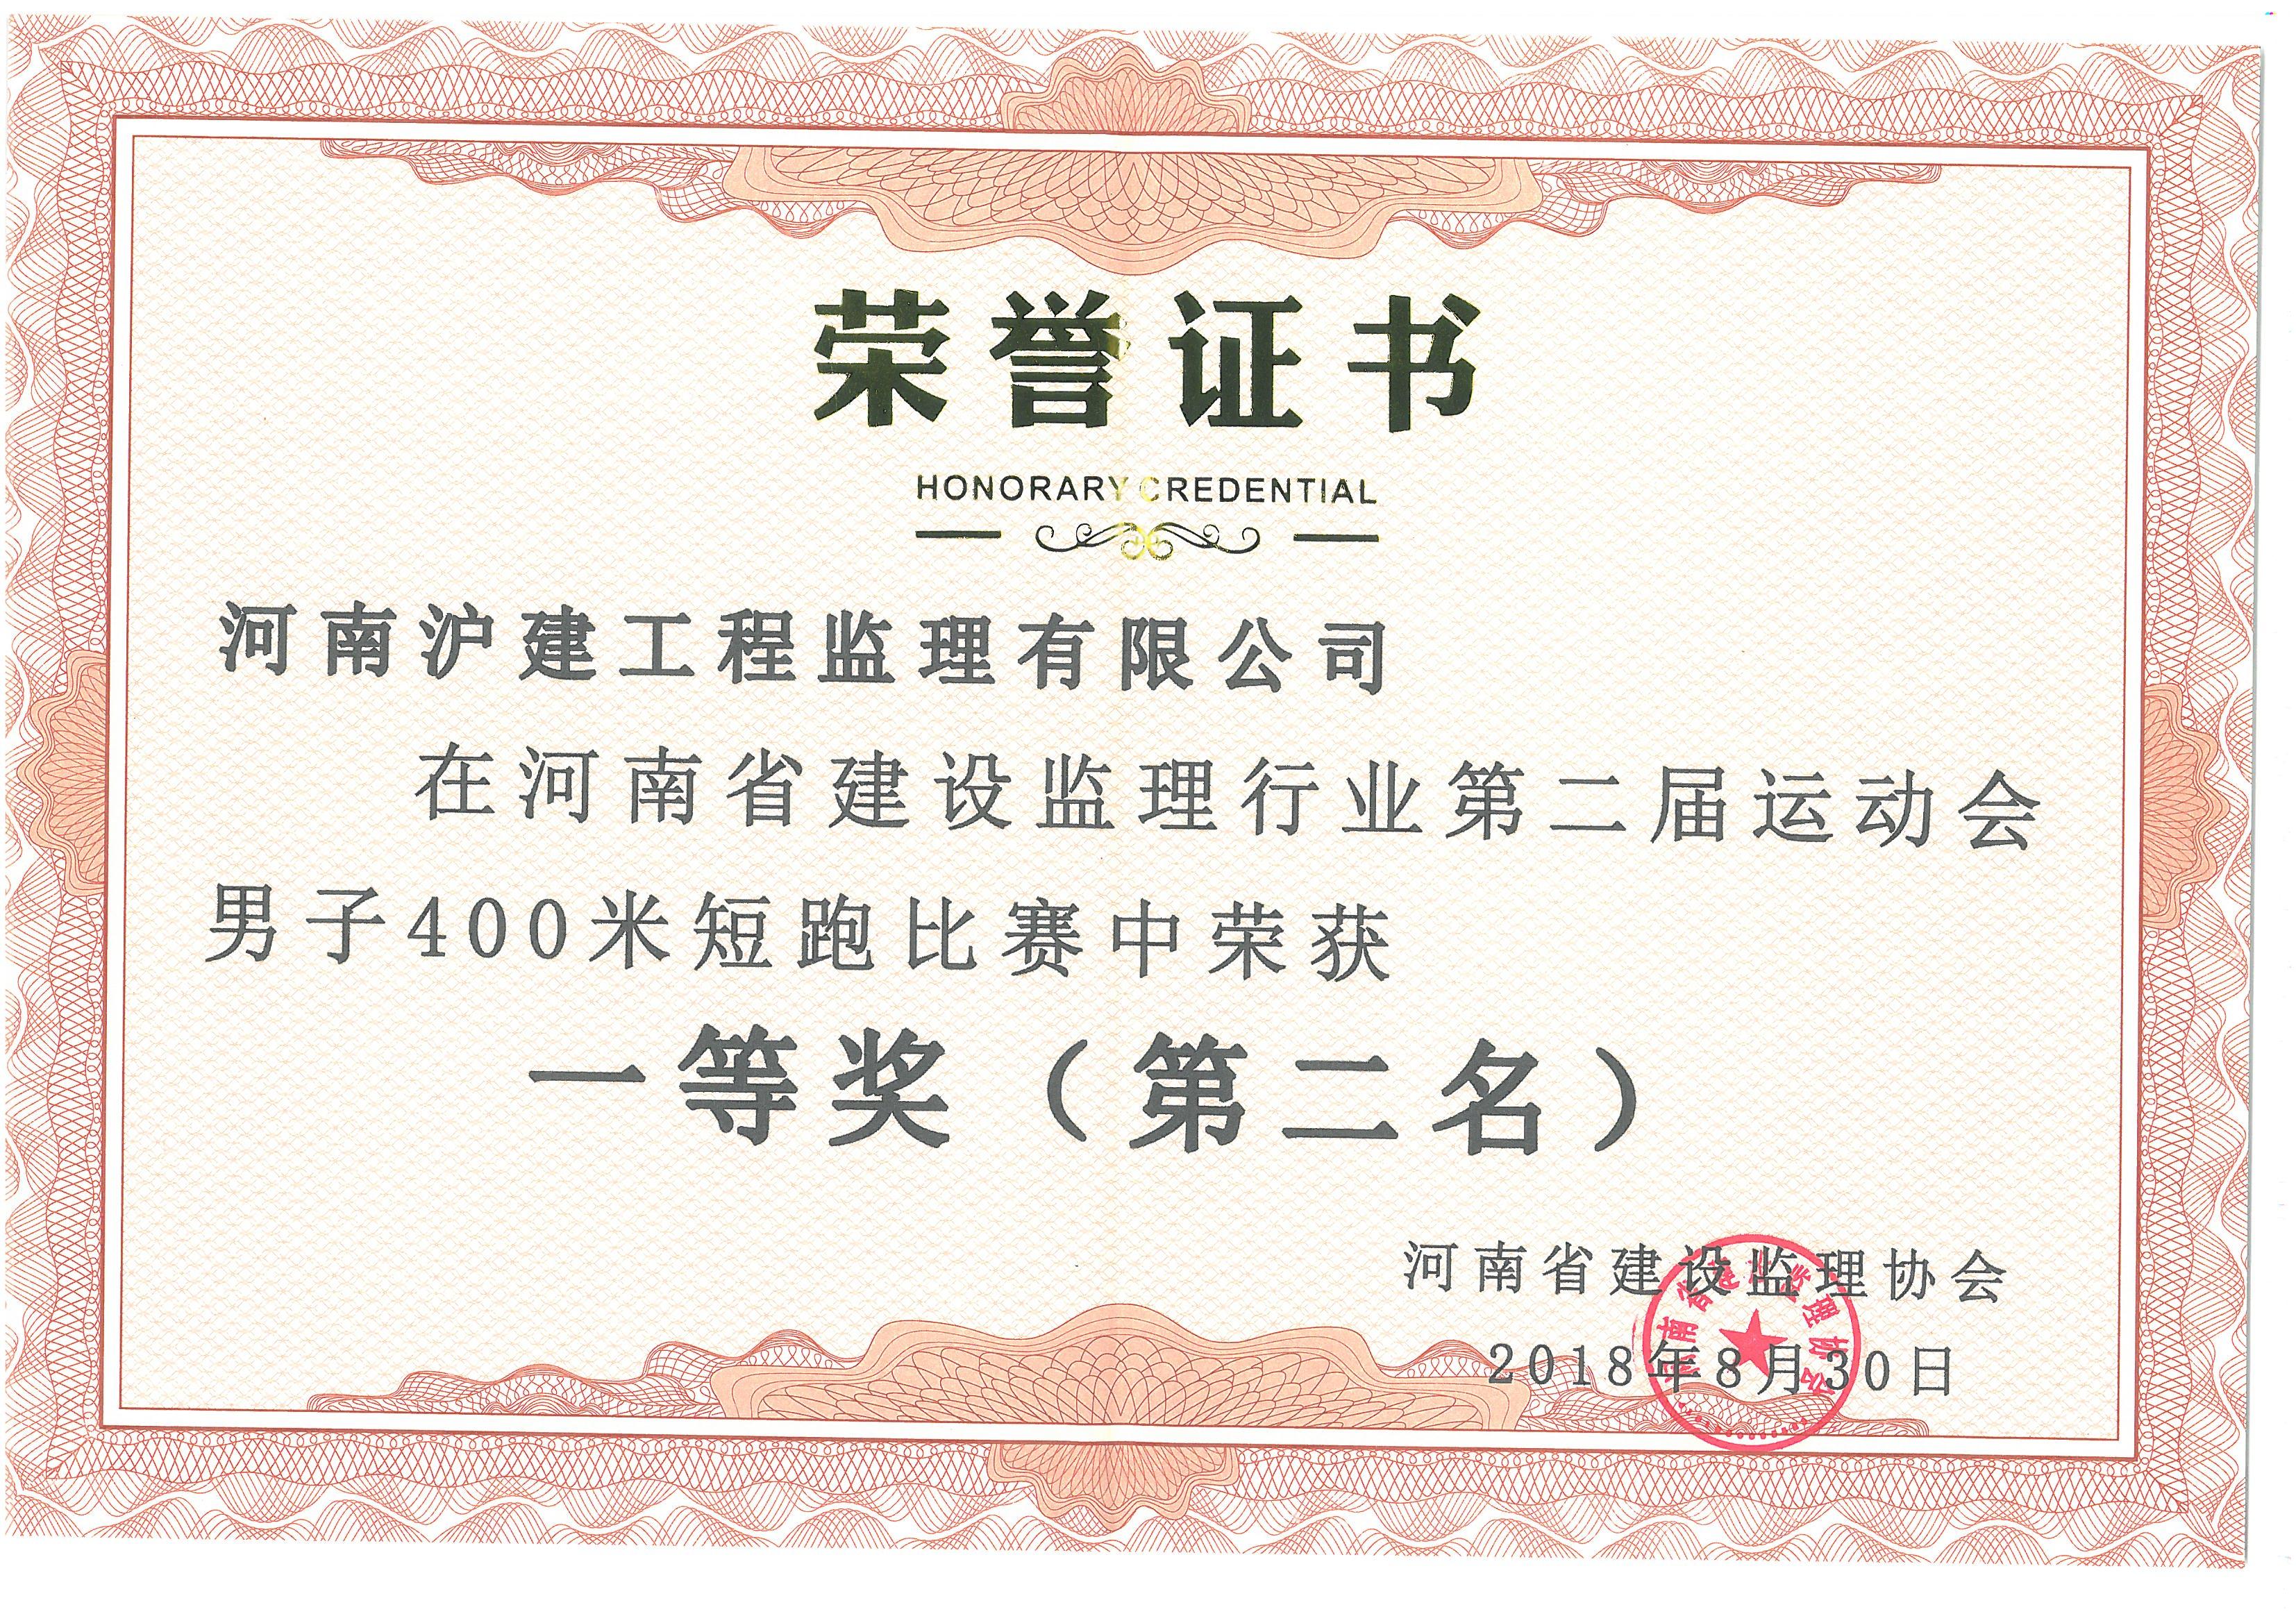 """2018年度男子400米短跑比赛荣获""""一等奖(第二名)"""""""